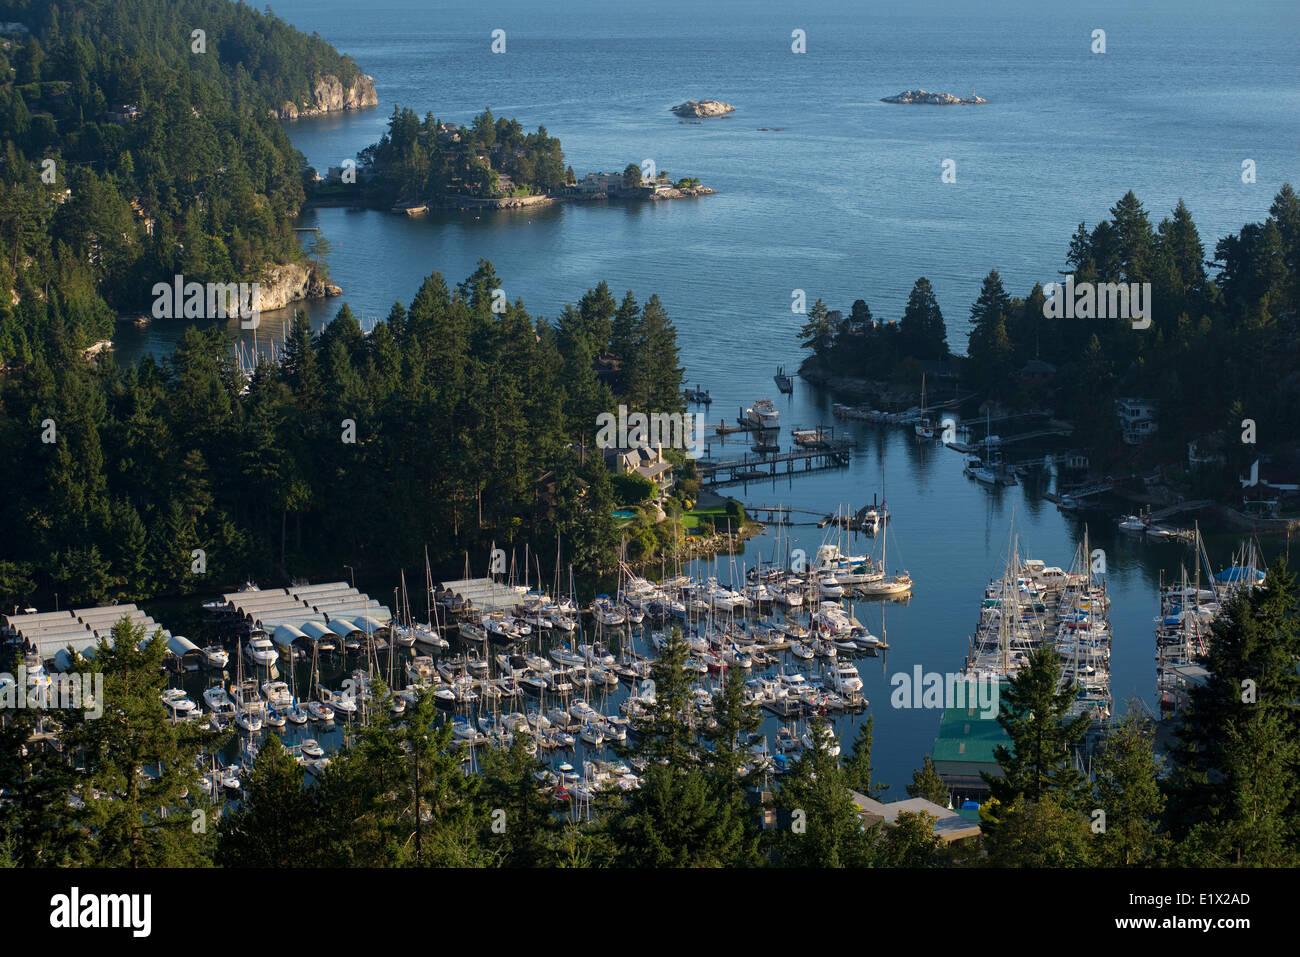 Island Bay Yacht Club